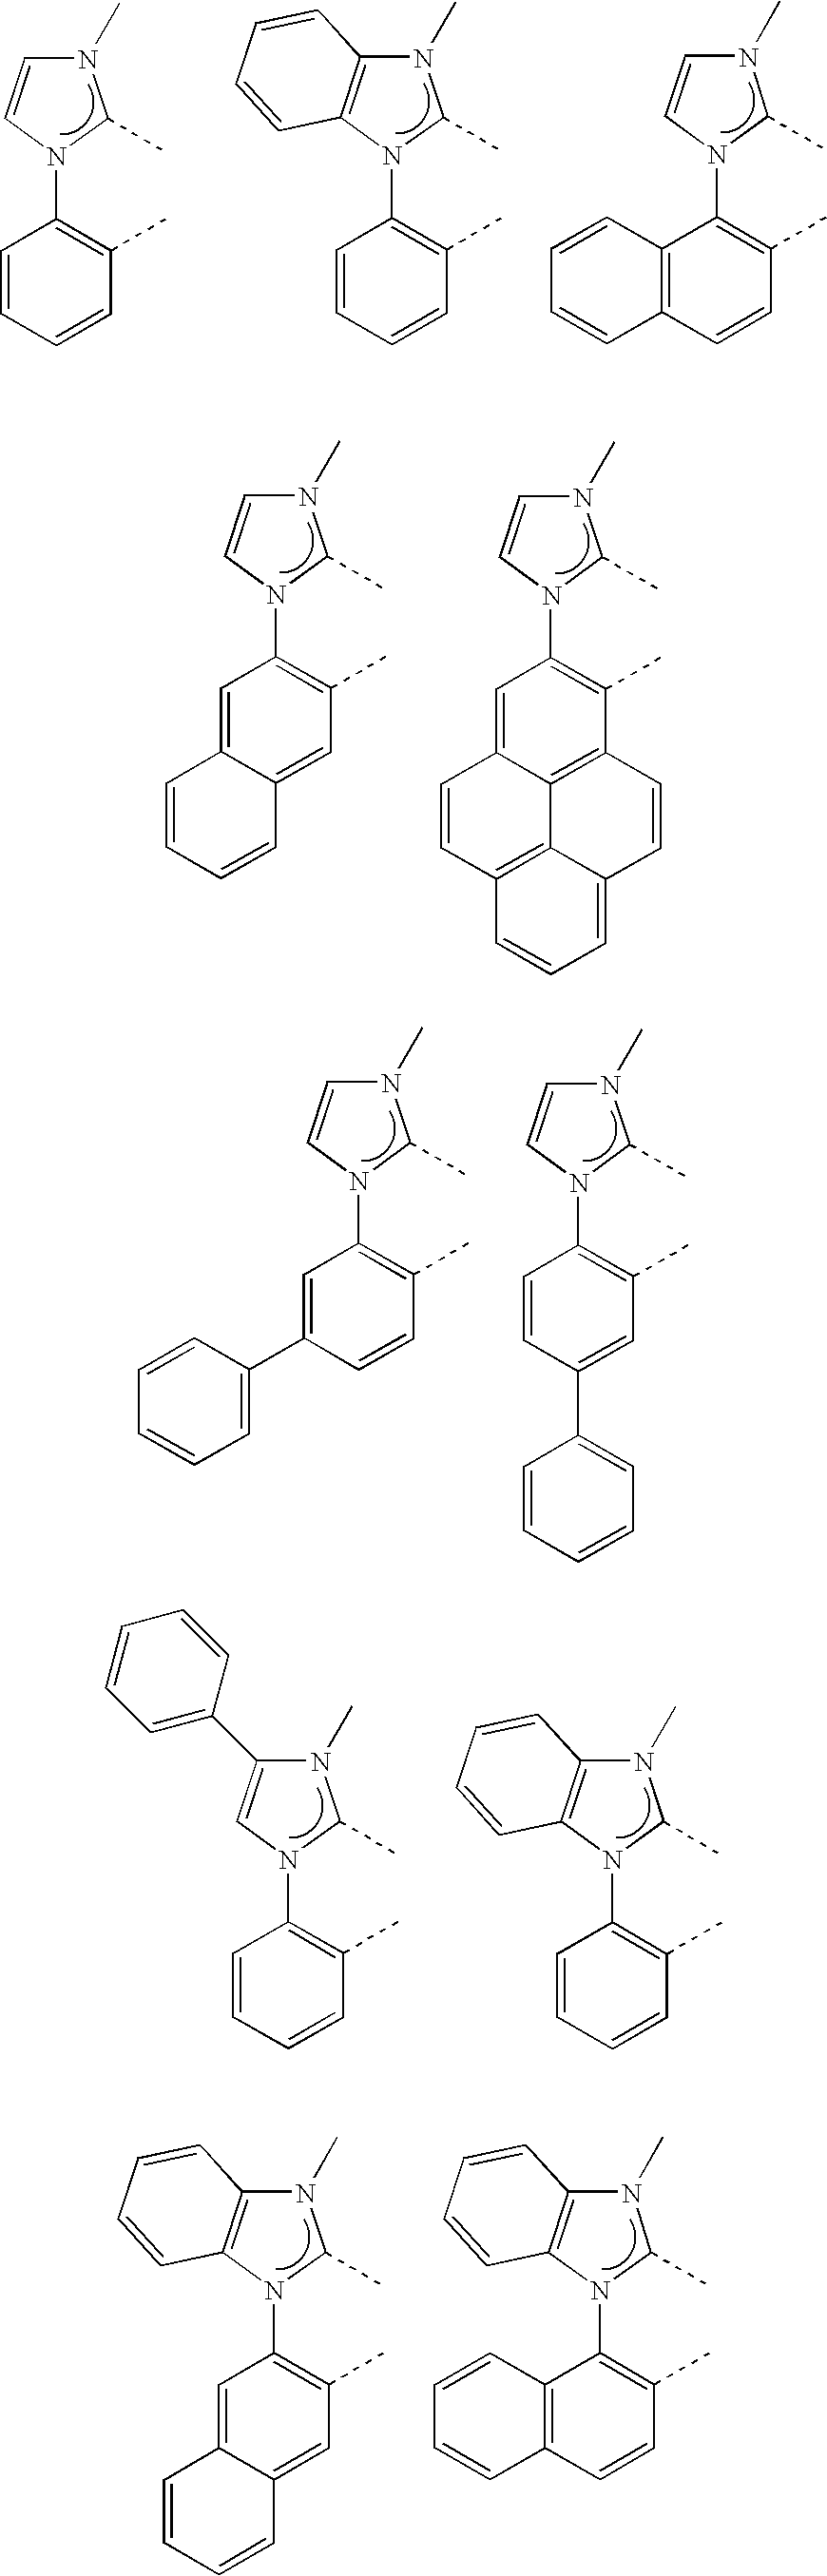 Figure US20050260441A1-20051124-C00079